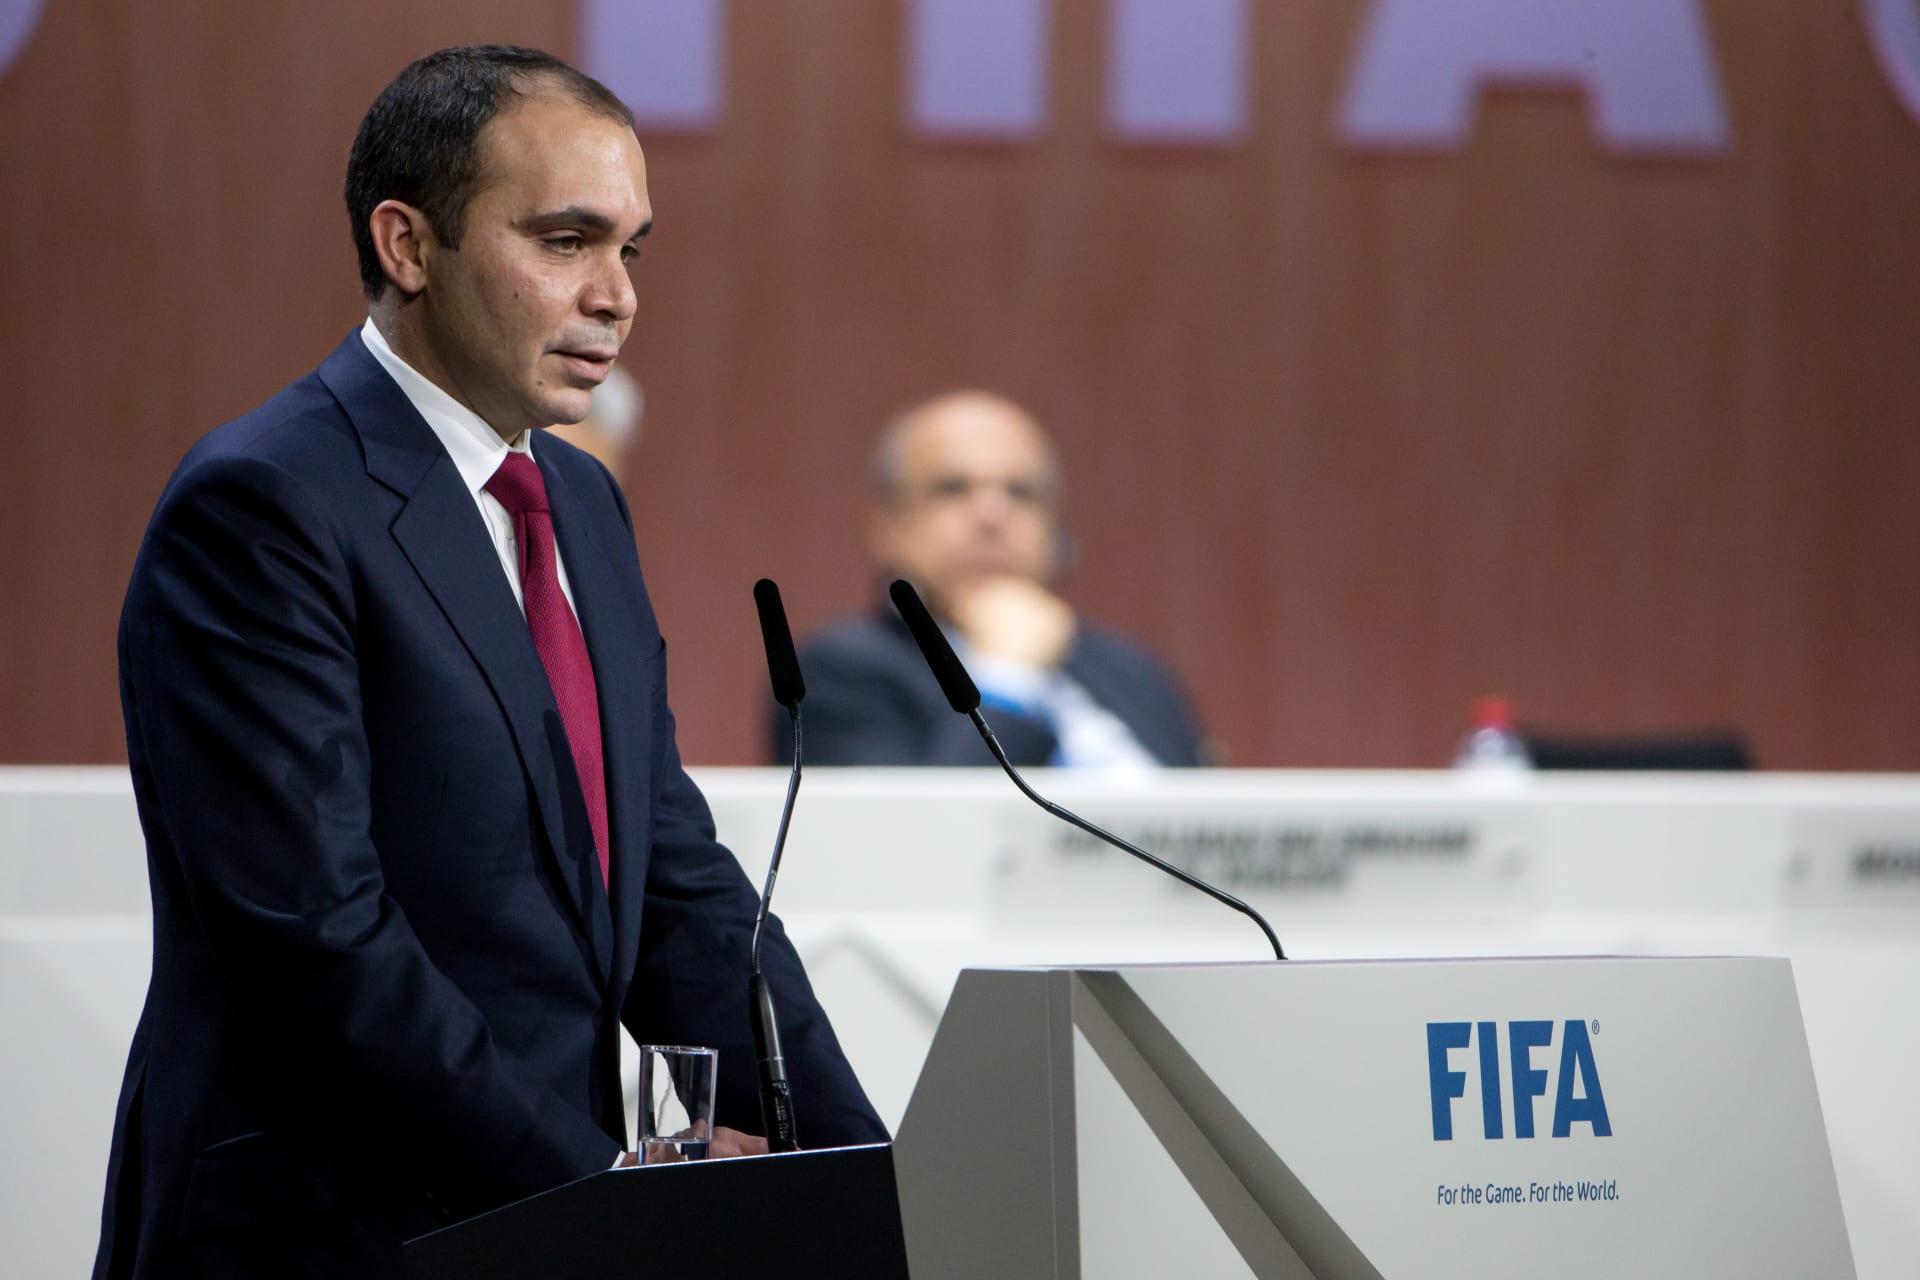 علي بن الحسين يقدم أوراق ترشحه لرئاسة الفيفا رسميا ويؤكد: تأجيل الانتخابات سيعرض مصداقية الفيفا للخطر